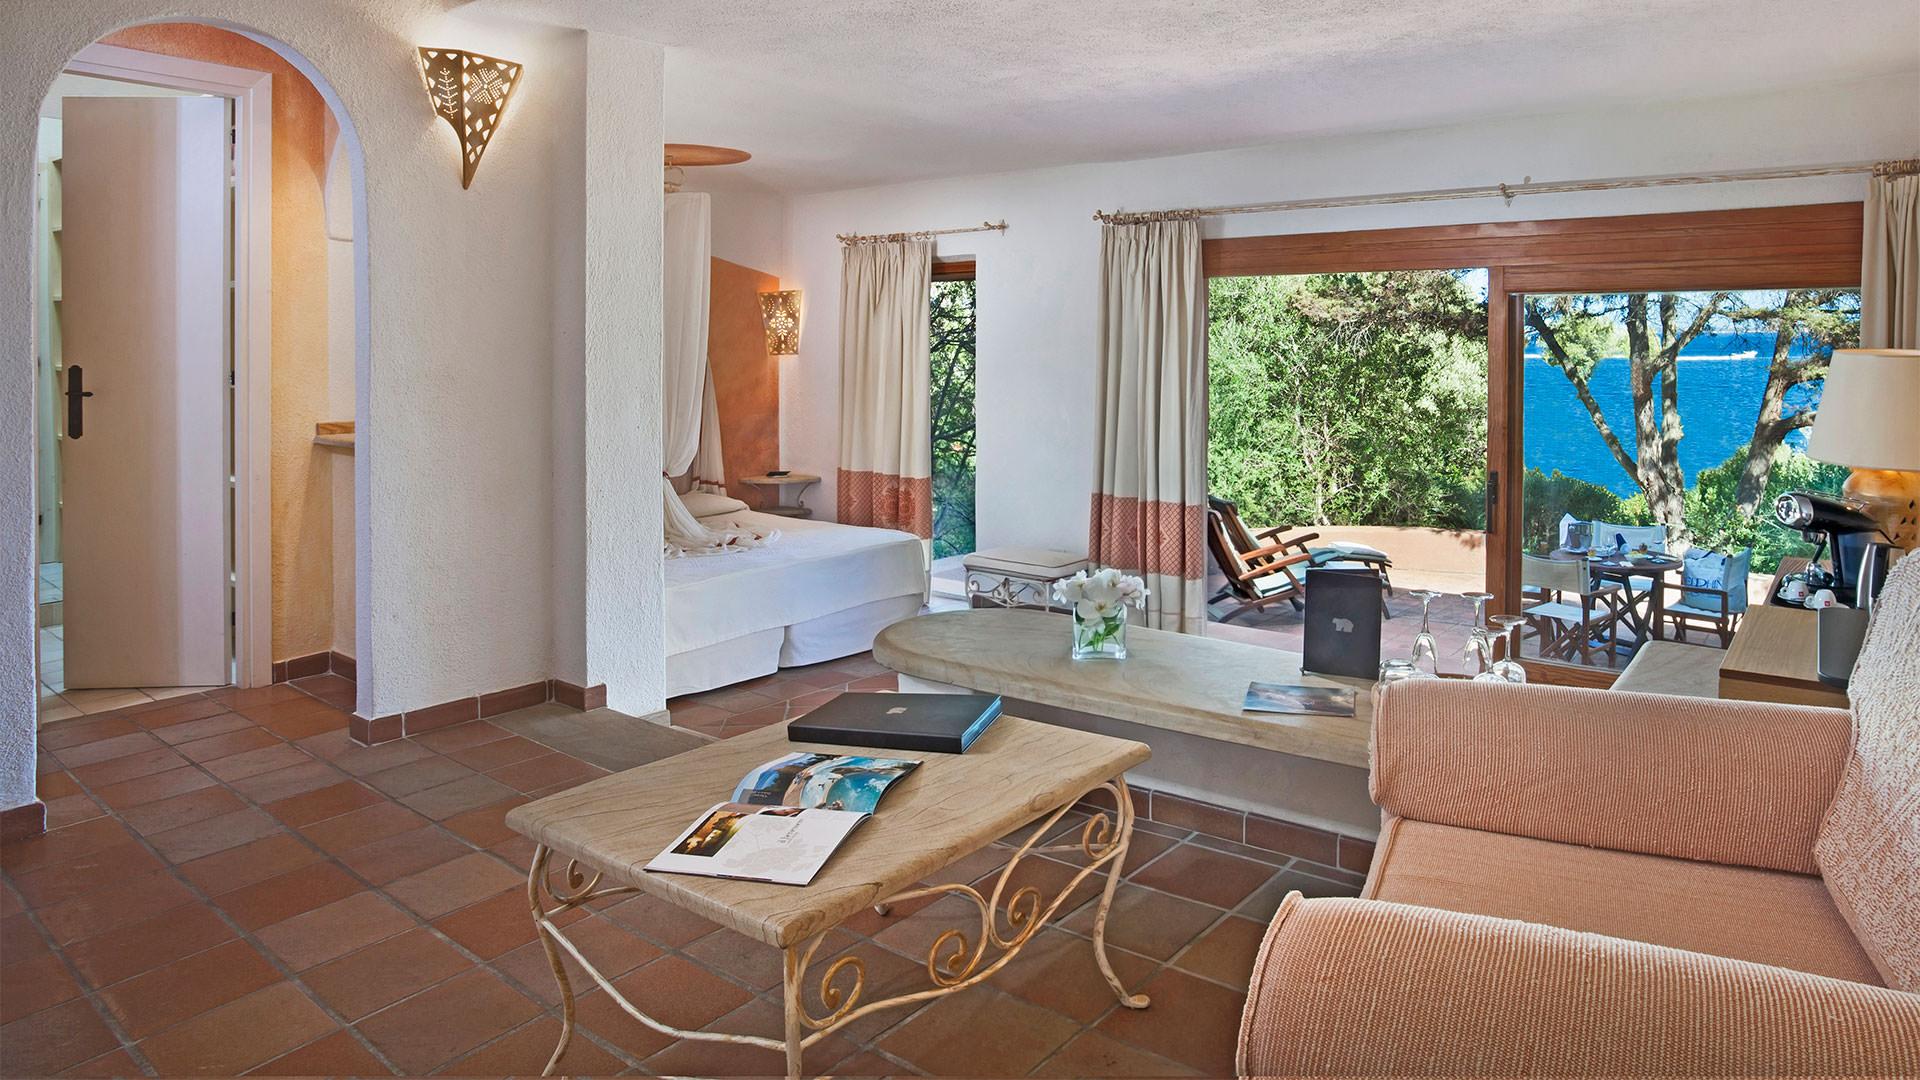 hotel-capo-orso-slider-camere-junior-suite-cardinal-sardegna-palau-2-mini